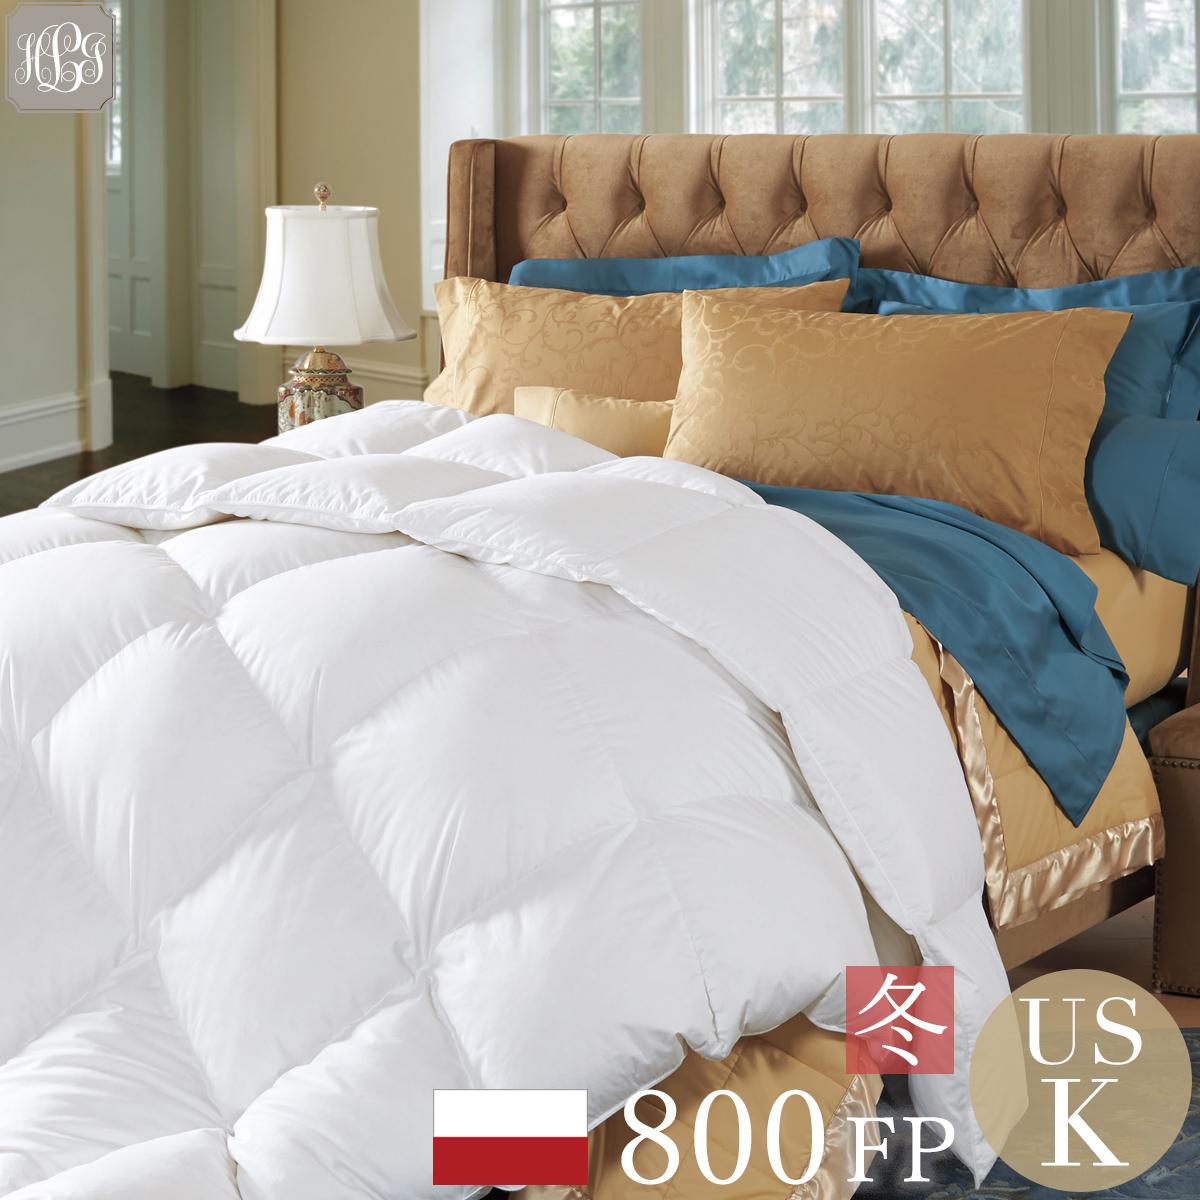 冬用 USキング 270cmx235cm 羽毛布団 800フィルパワーポーランド産ホワイトマザーグースダウン ダウンブランケット